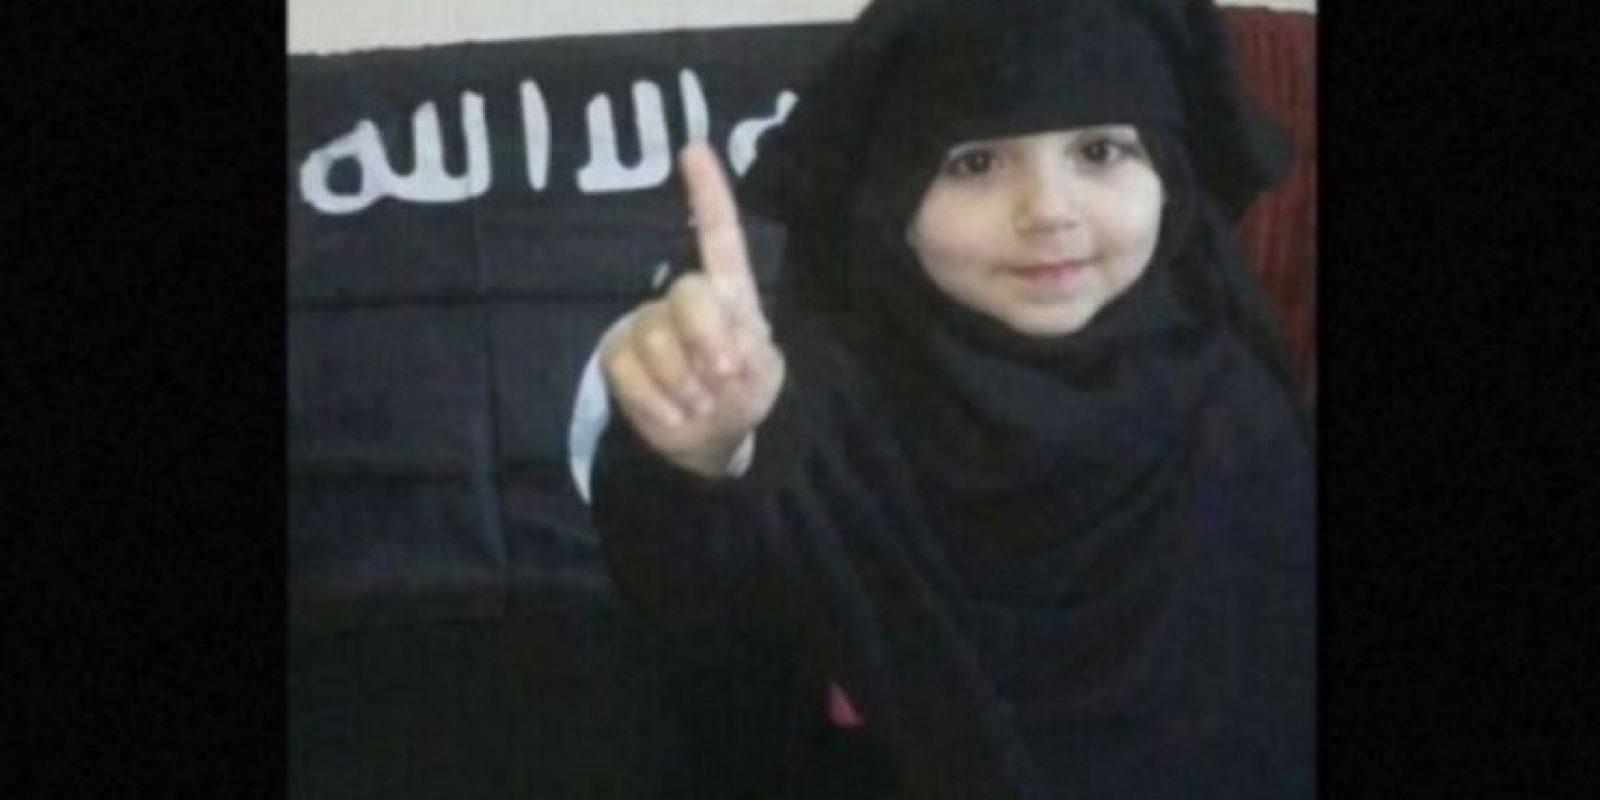 Sin embargo, esta no es una realidad para aproximadamente 5.6 millones de niños que viven en zonas de guerra en Siria, quienes son utilizados por Estado Islámico (ISIS) en sus atroces actos. Foto:Twitter.com – Archivo